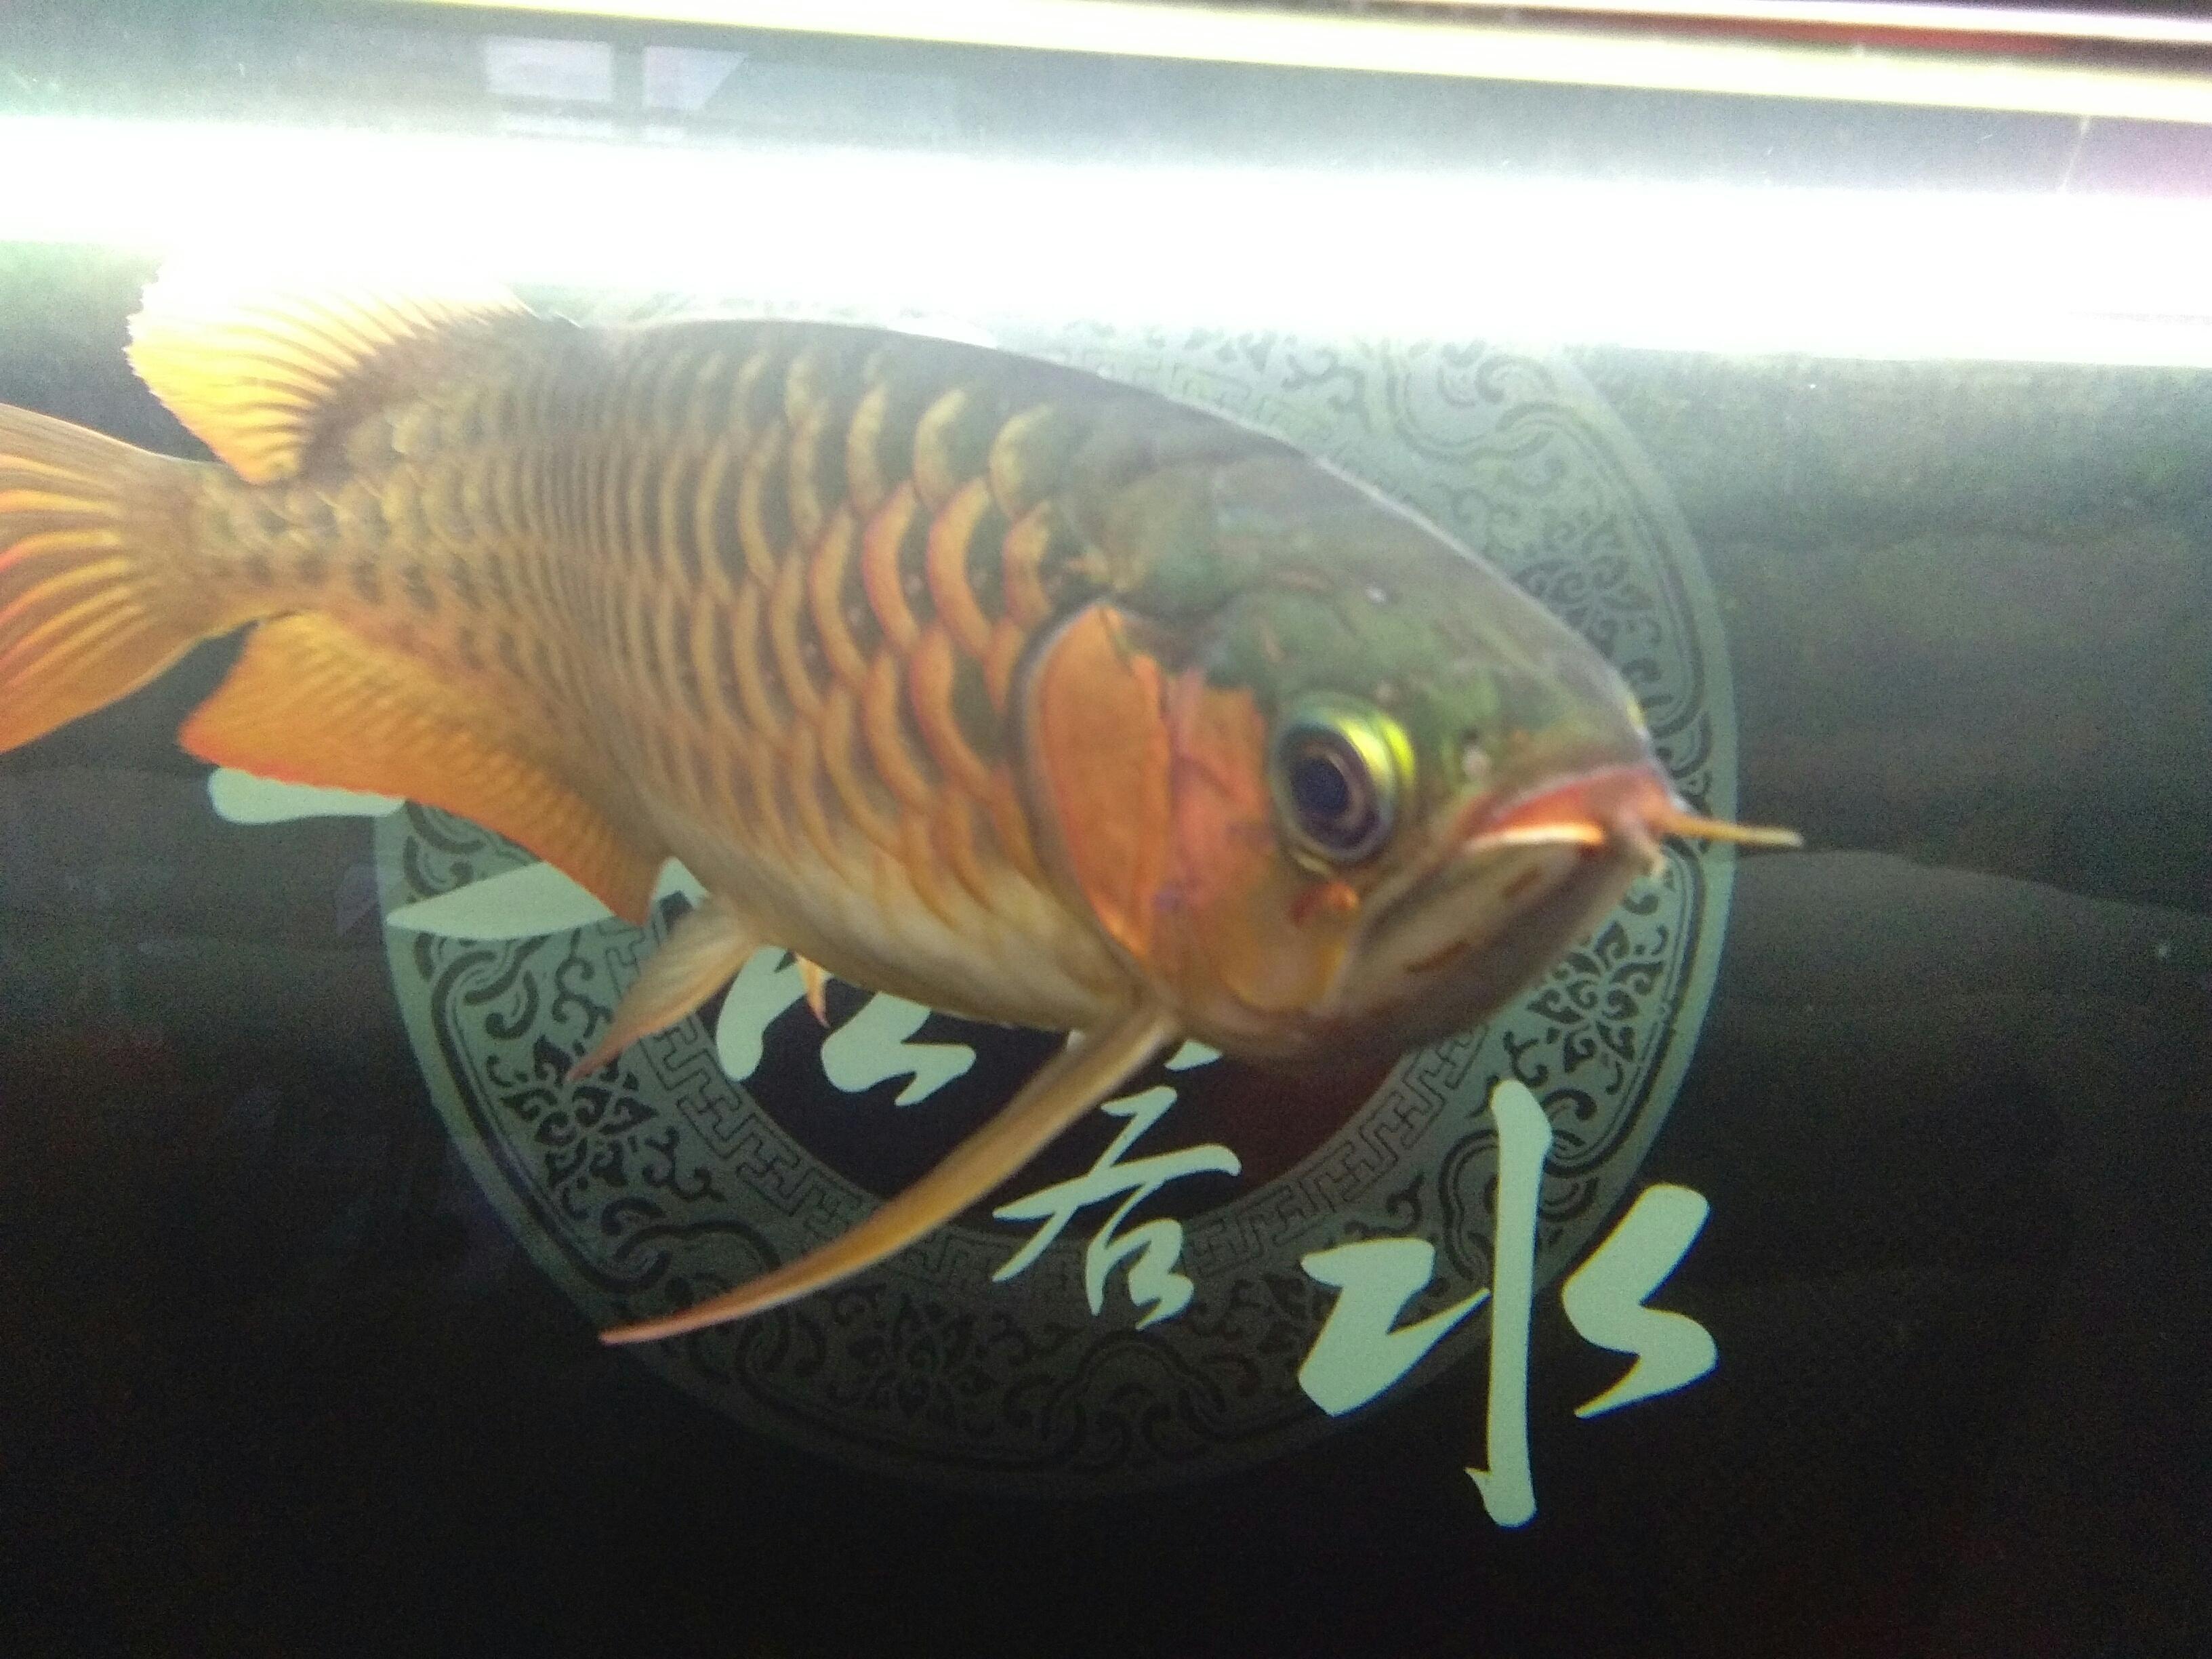 天津鱼缸水族批发市场有相中的密我没精力了 天津龙鱼论坛 天津龙鱼第4张